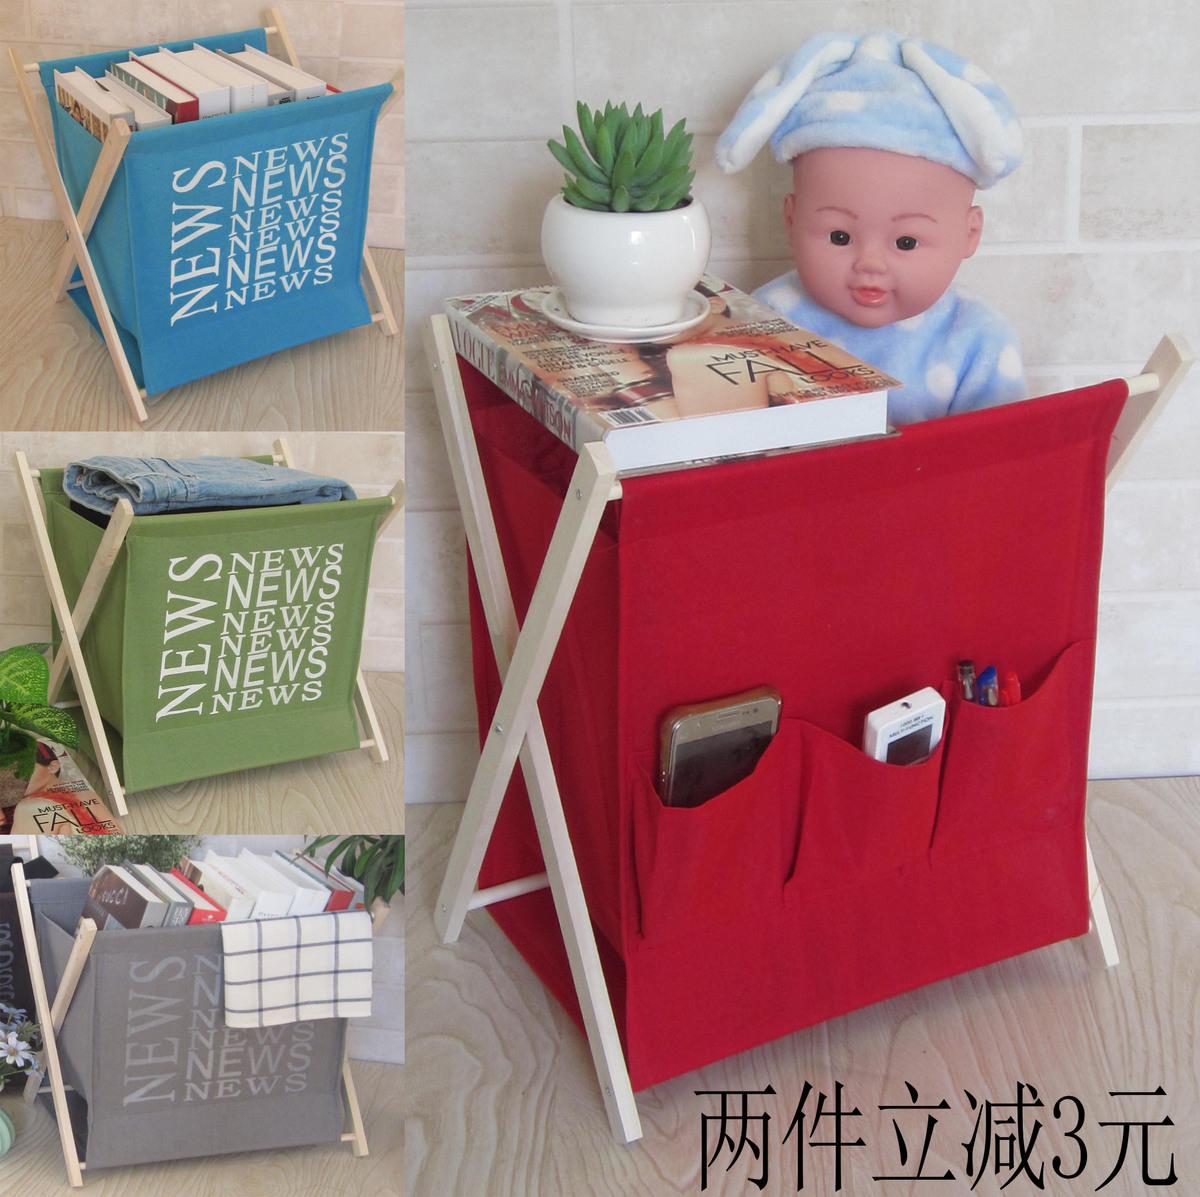 文藝摺疊布藝灰色字母雜誌書報收納架 中號置物家庭儲物箱整理籃